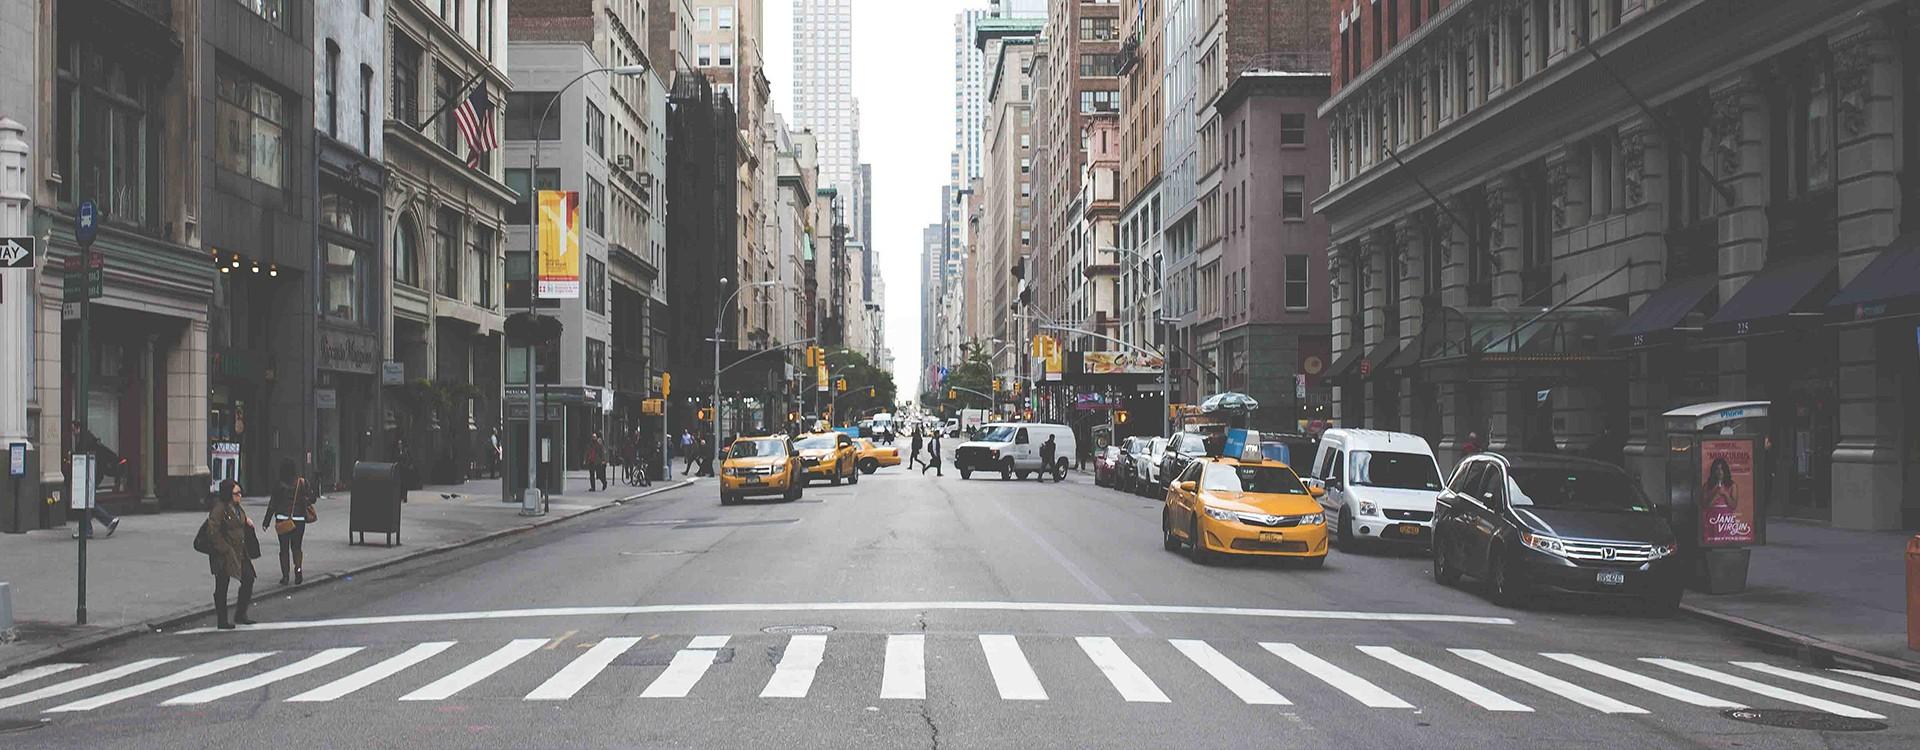 Le top 5 des films sur New York